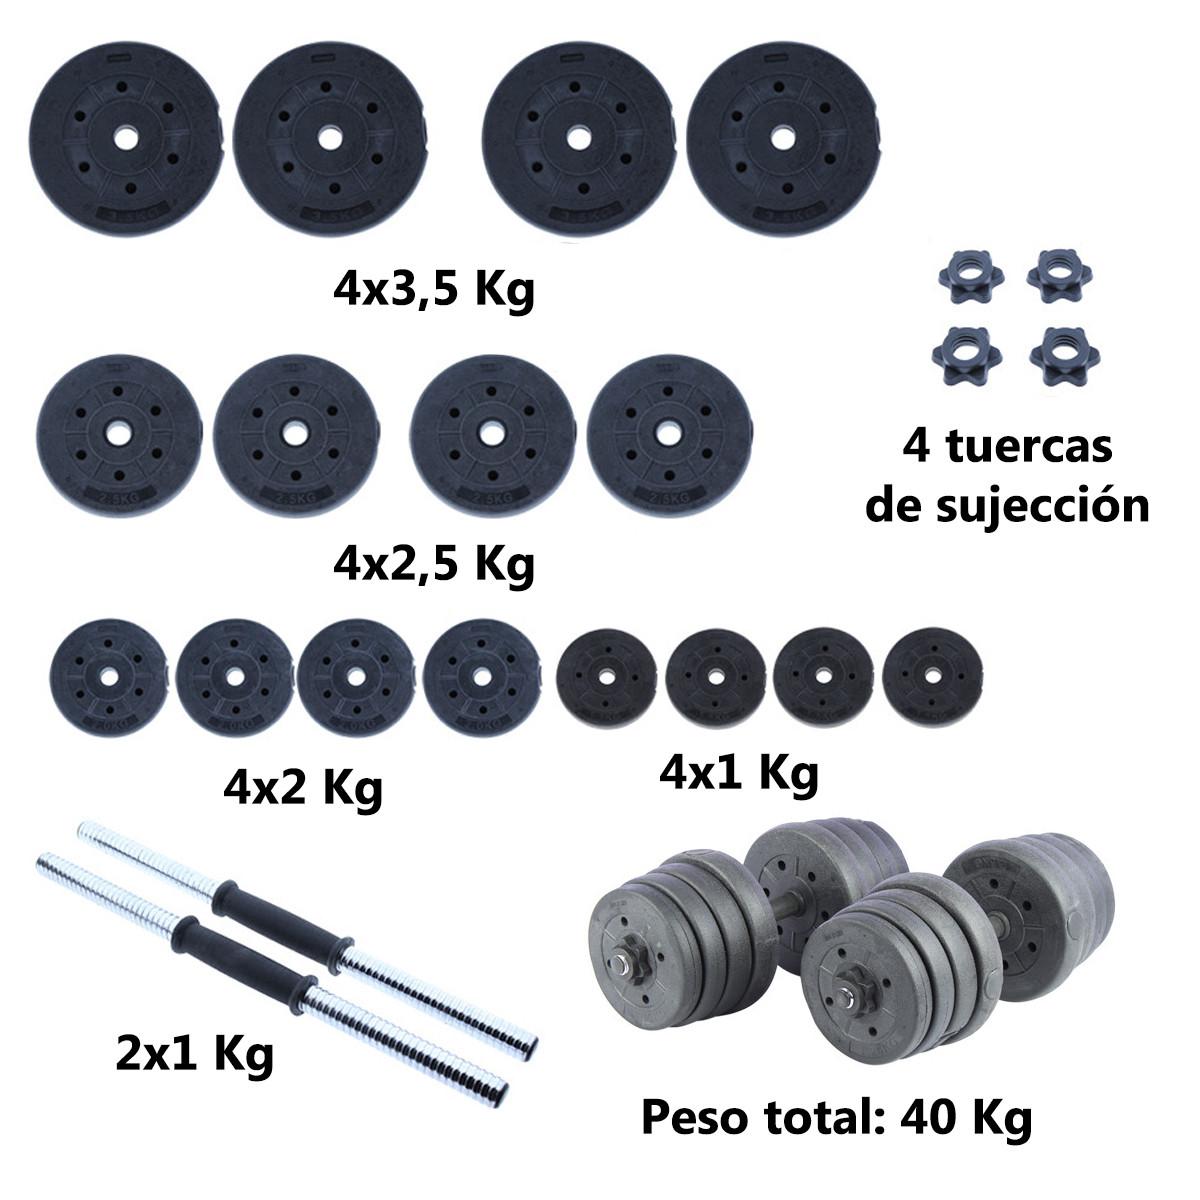 Juego-de-mancuernas-ajustables-con-discos-varios-pesos-Risc miniatura 22